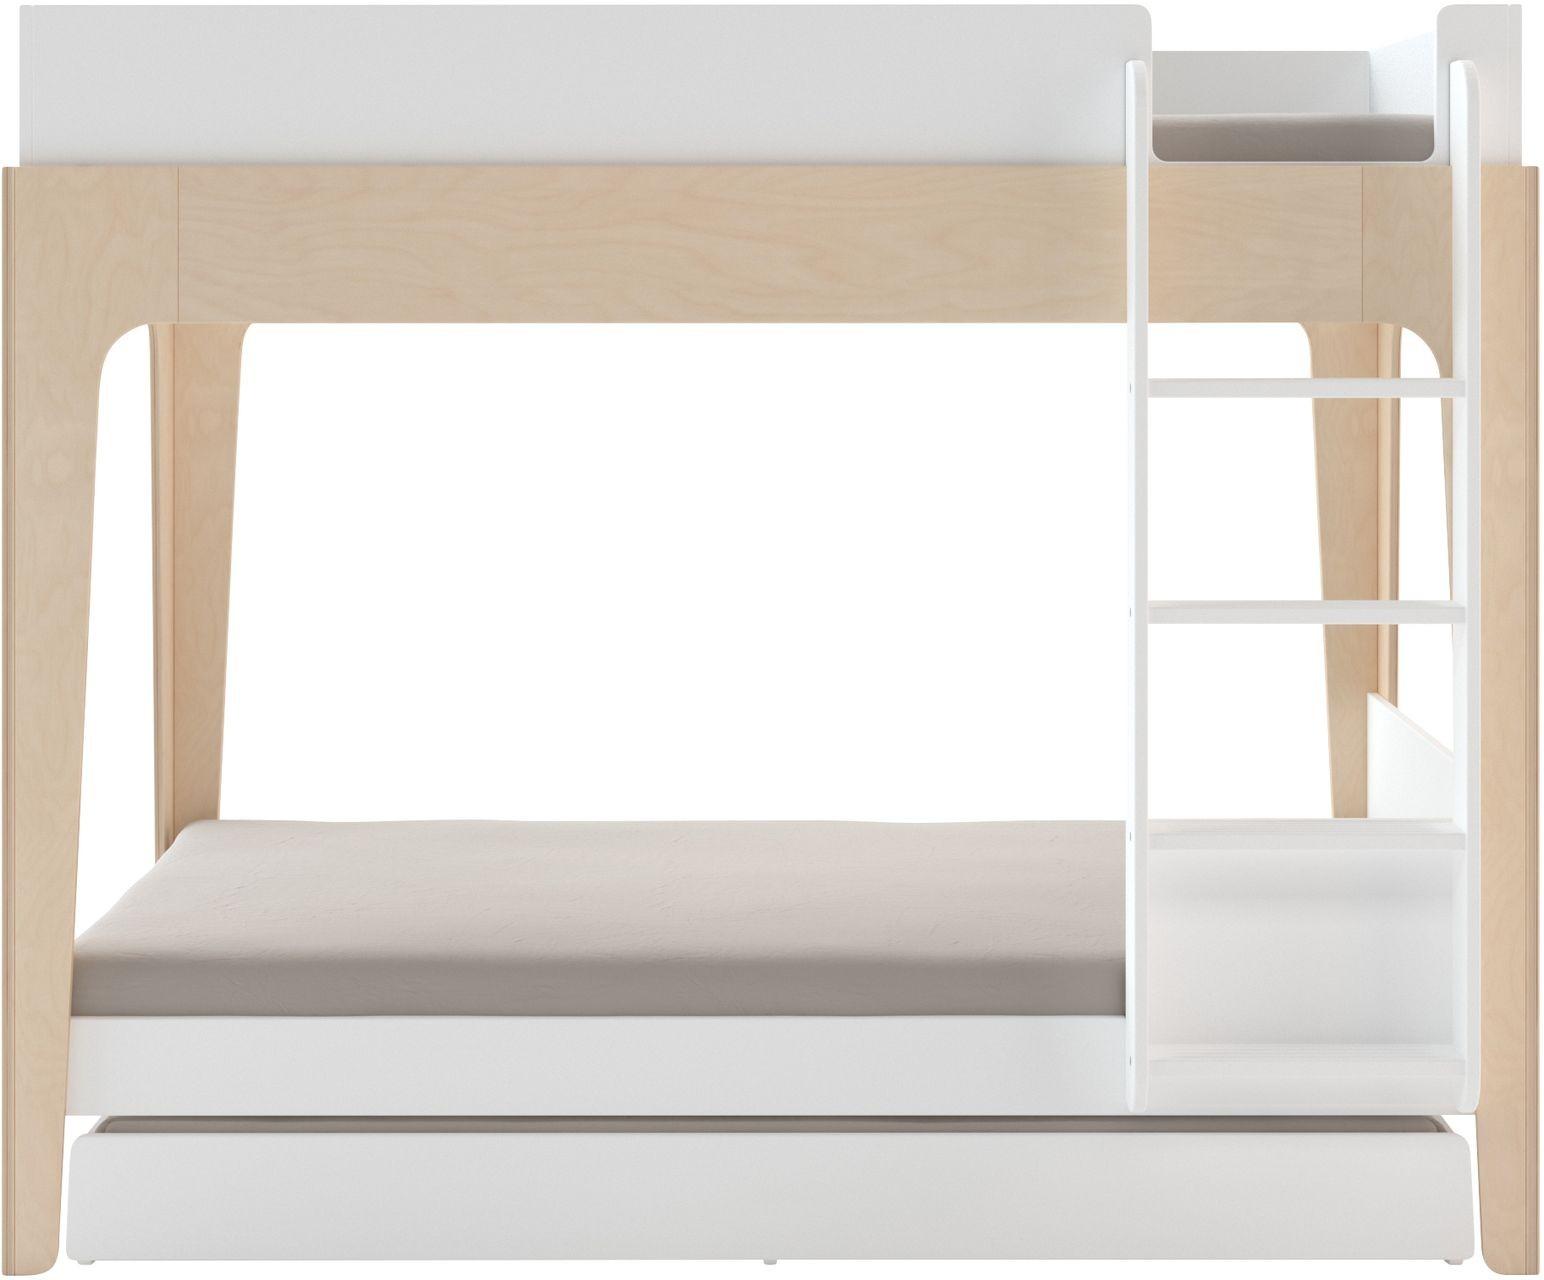 Full Size of Lattenrost Klappbar Ikea Bett 160x200 Mit Küche Kosten Matratze Und Ausklappbares Sofa Schlaffunktion Ausklappbar 140x200 Miniküche Modulküche Schlafzimmer Wohnzimmer Lattenrost Klappbar Ikea